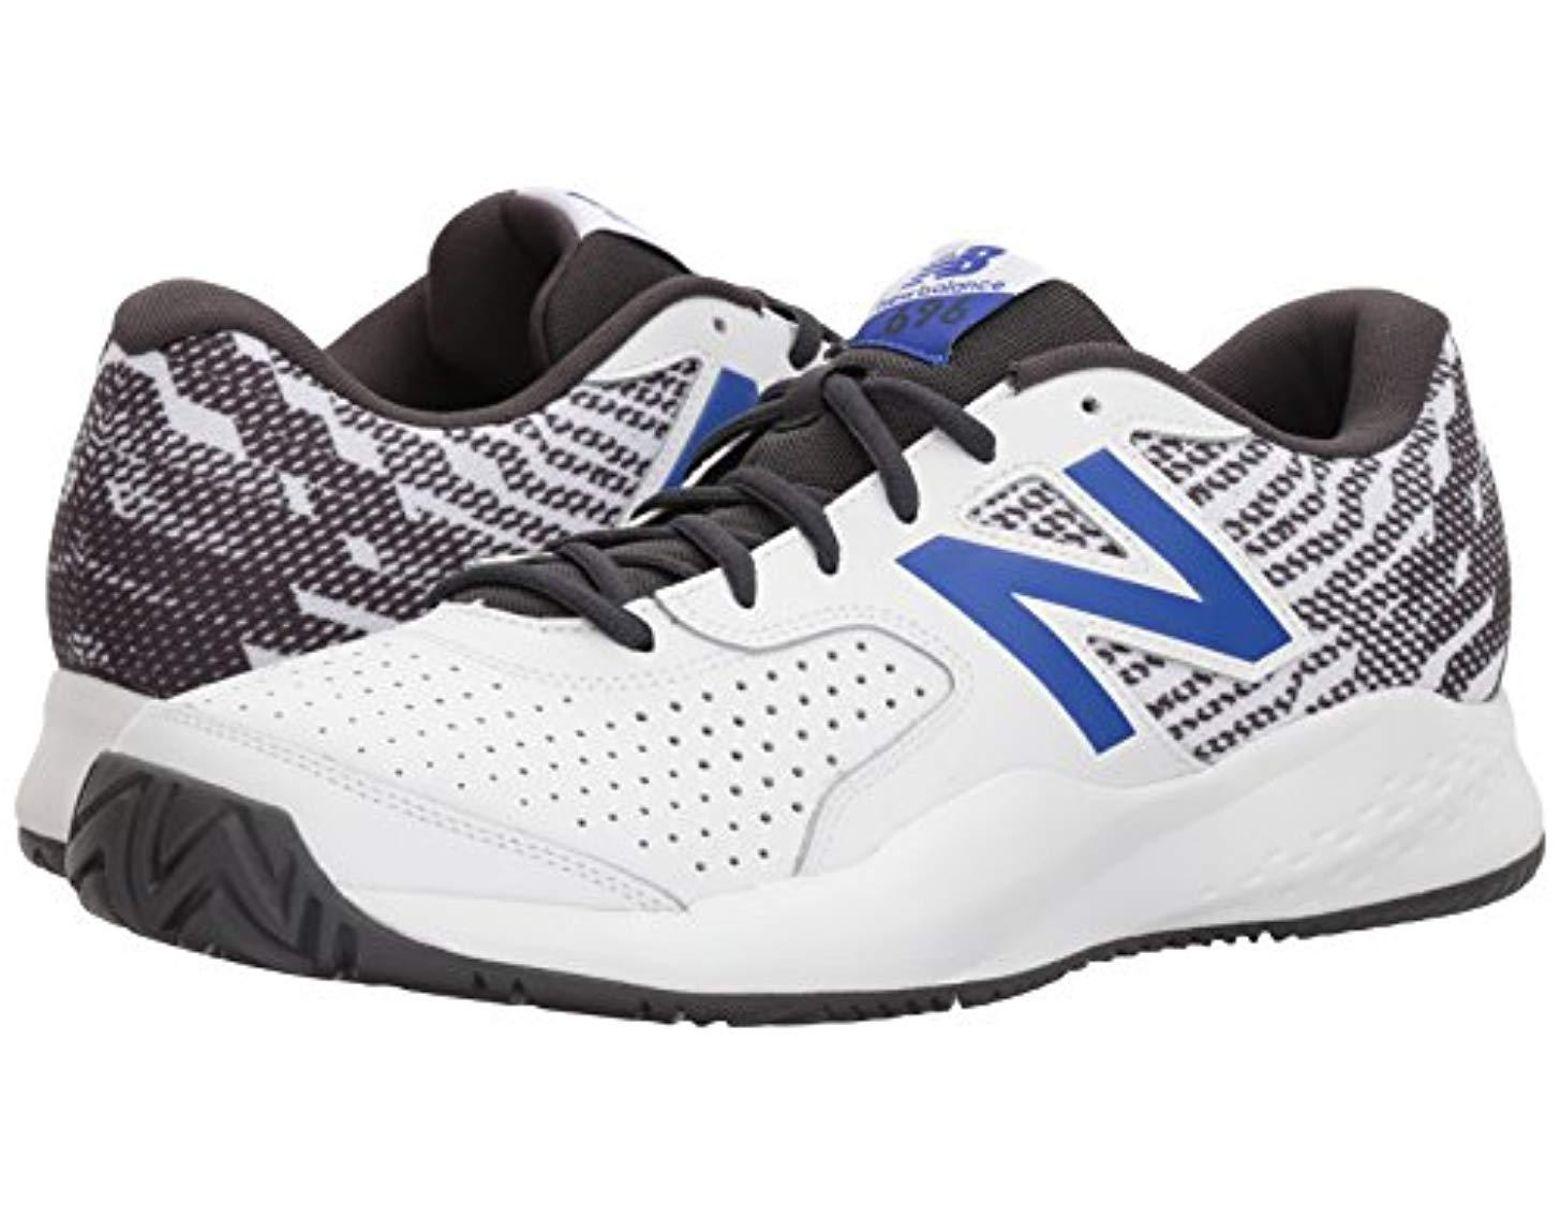 new product 2932f 2e50b Men's 696v3 Tennis Shoe